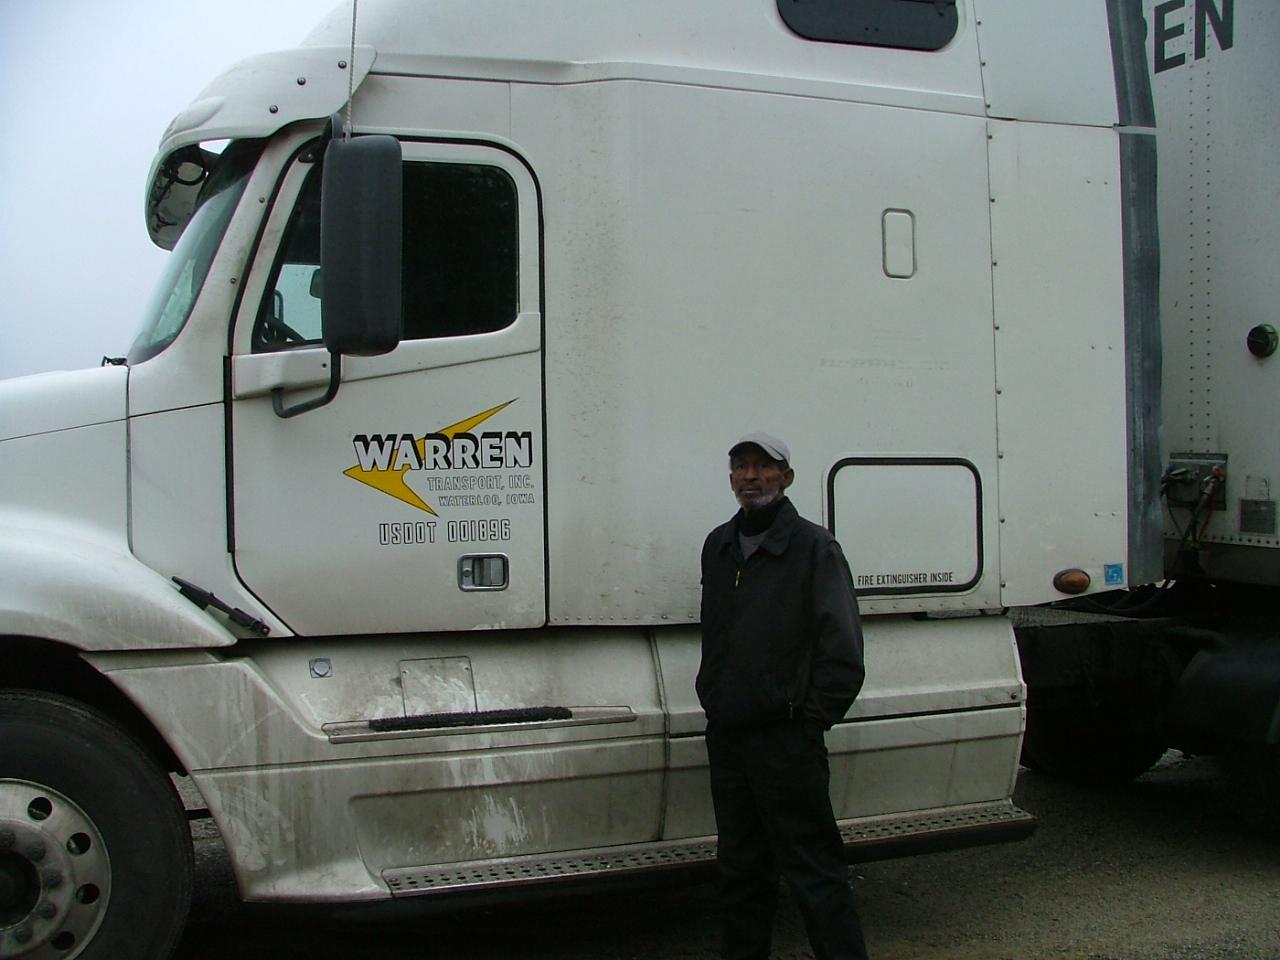 WARREN TRANSPORT W-DRIVER.JPG